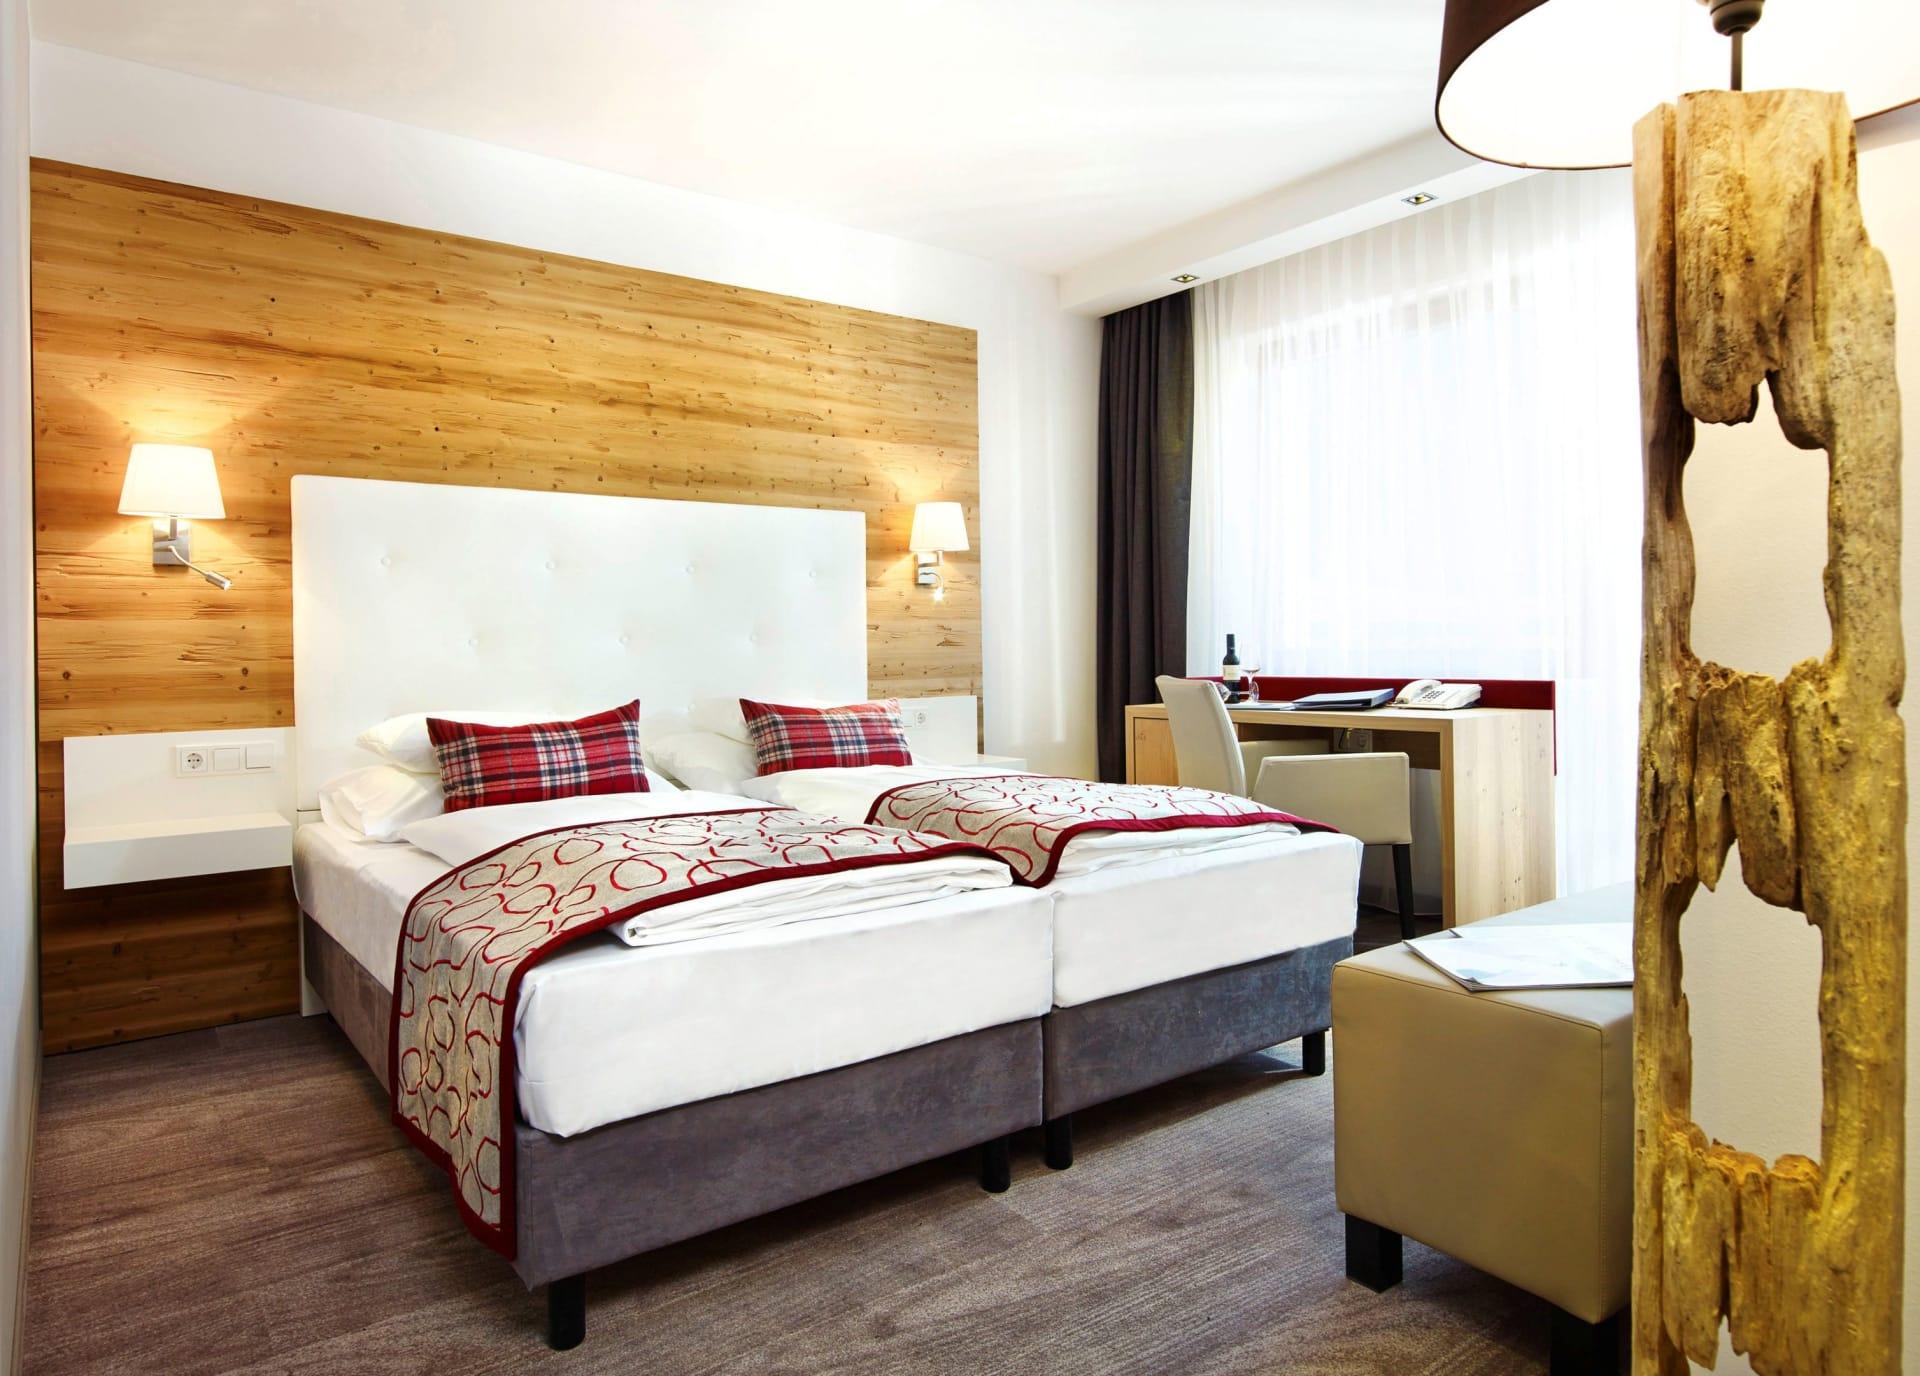 Ferienangebote im Ritzlerhof 4*S - Erwachsenenhotel im Ötztal